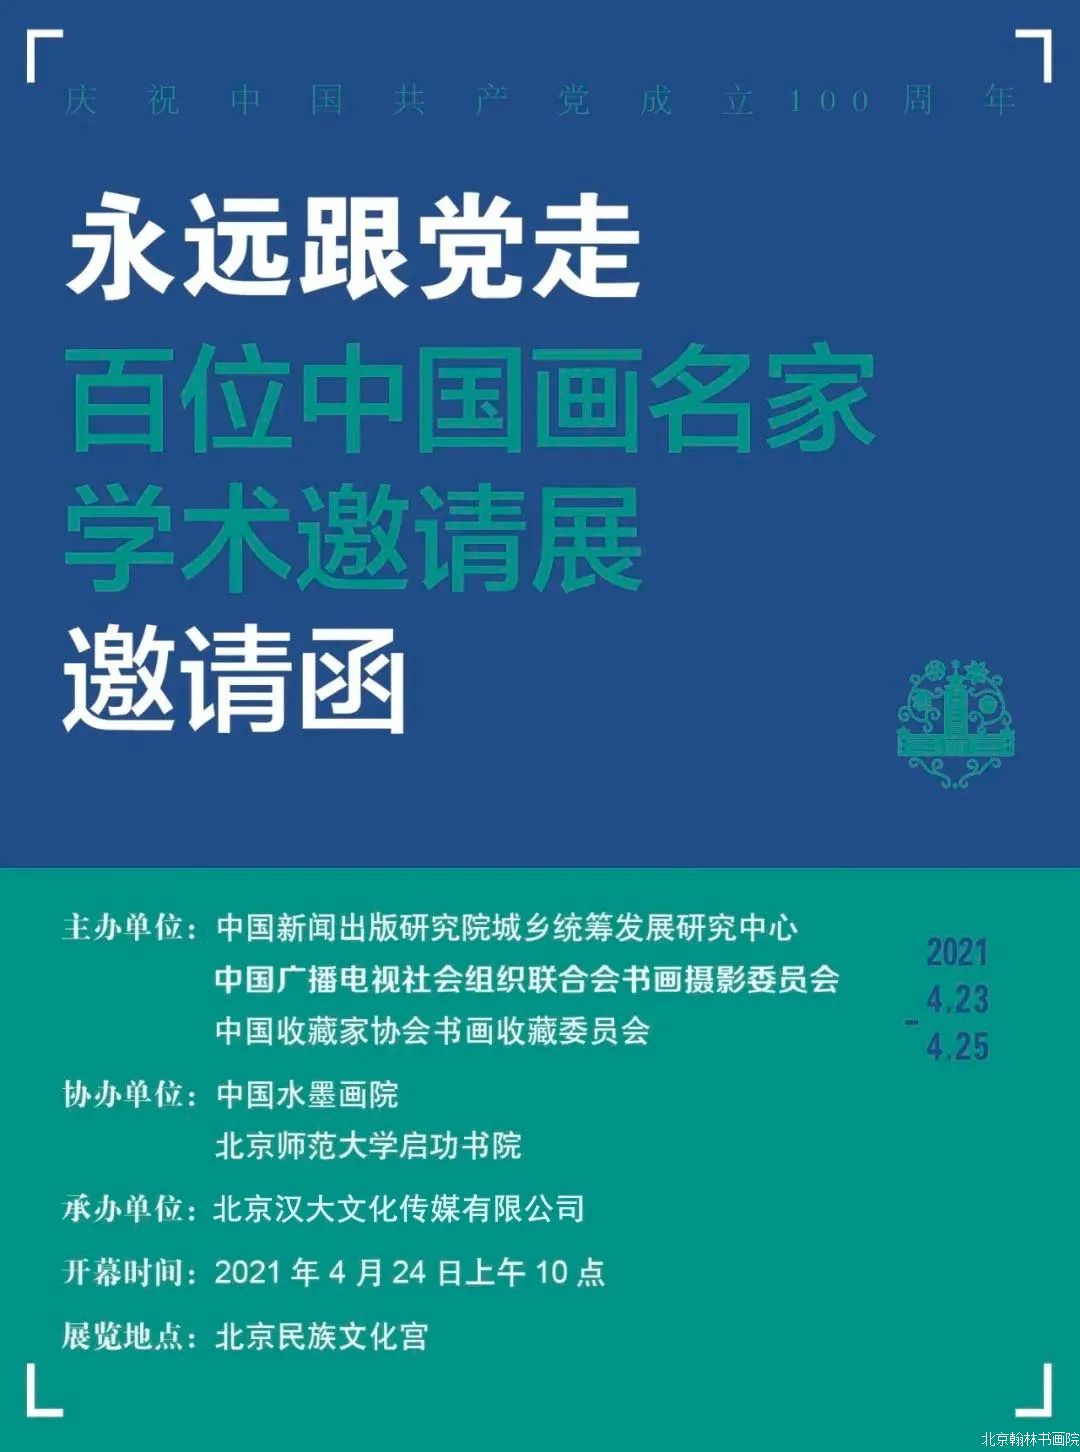 邀请函 | 永远跟党走-百位中国画名家学术邀请展